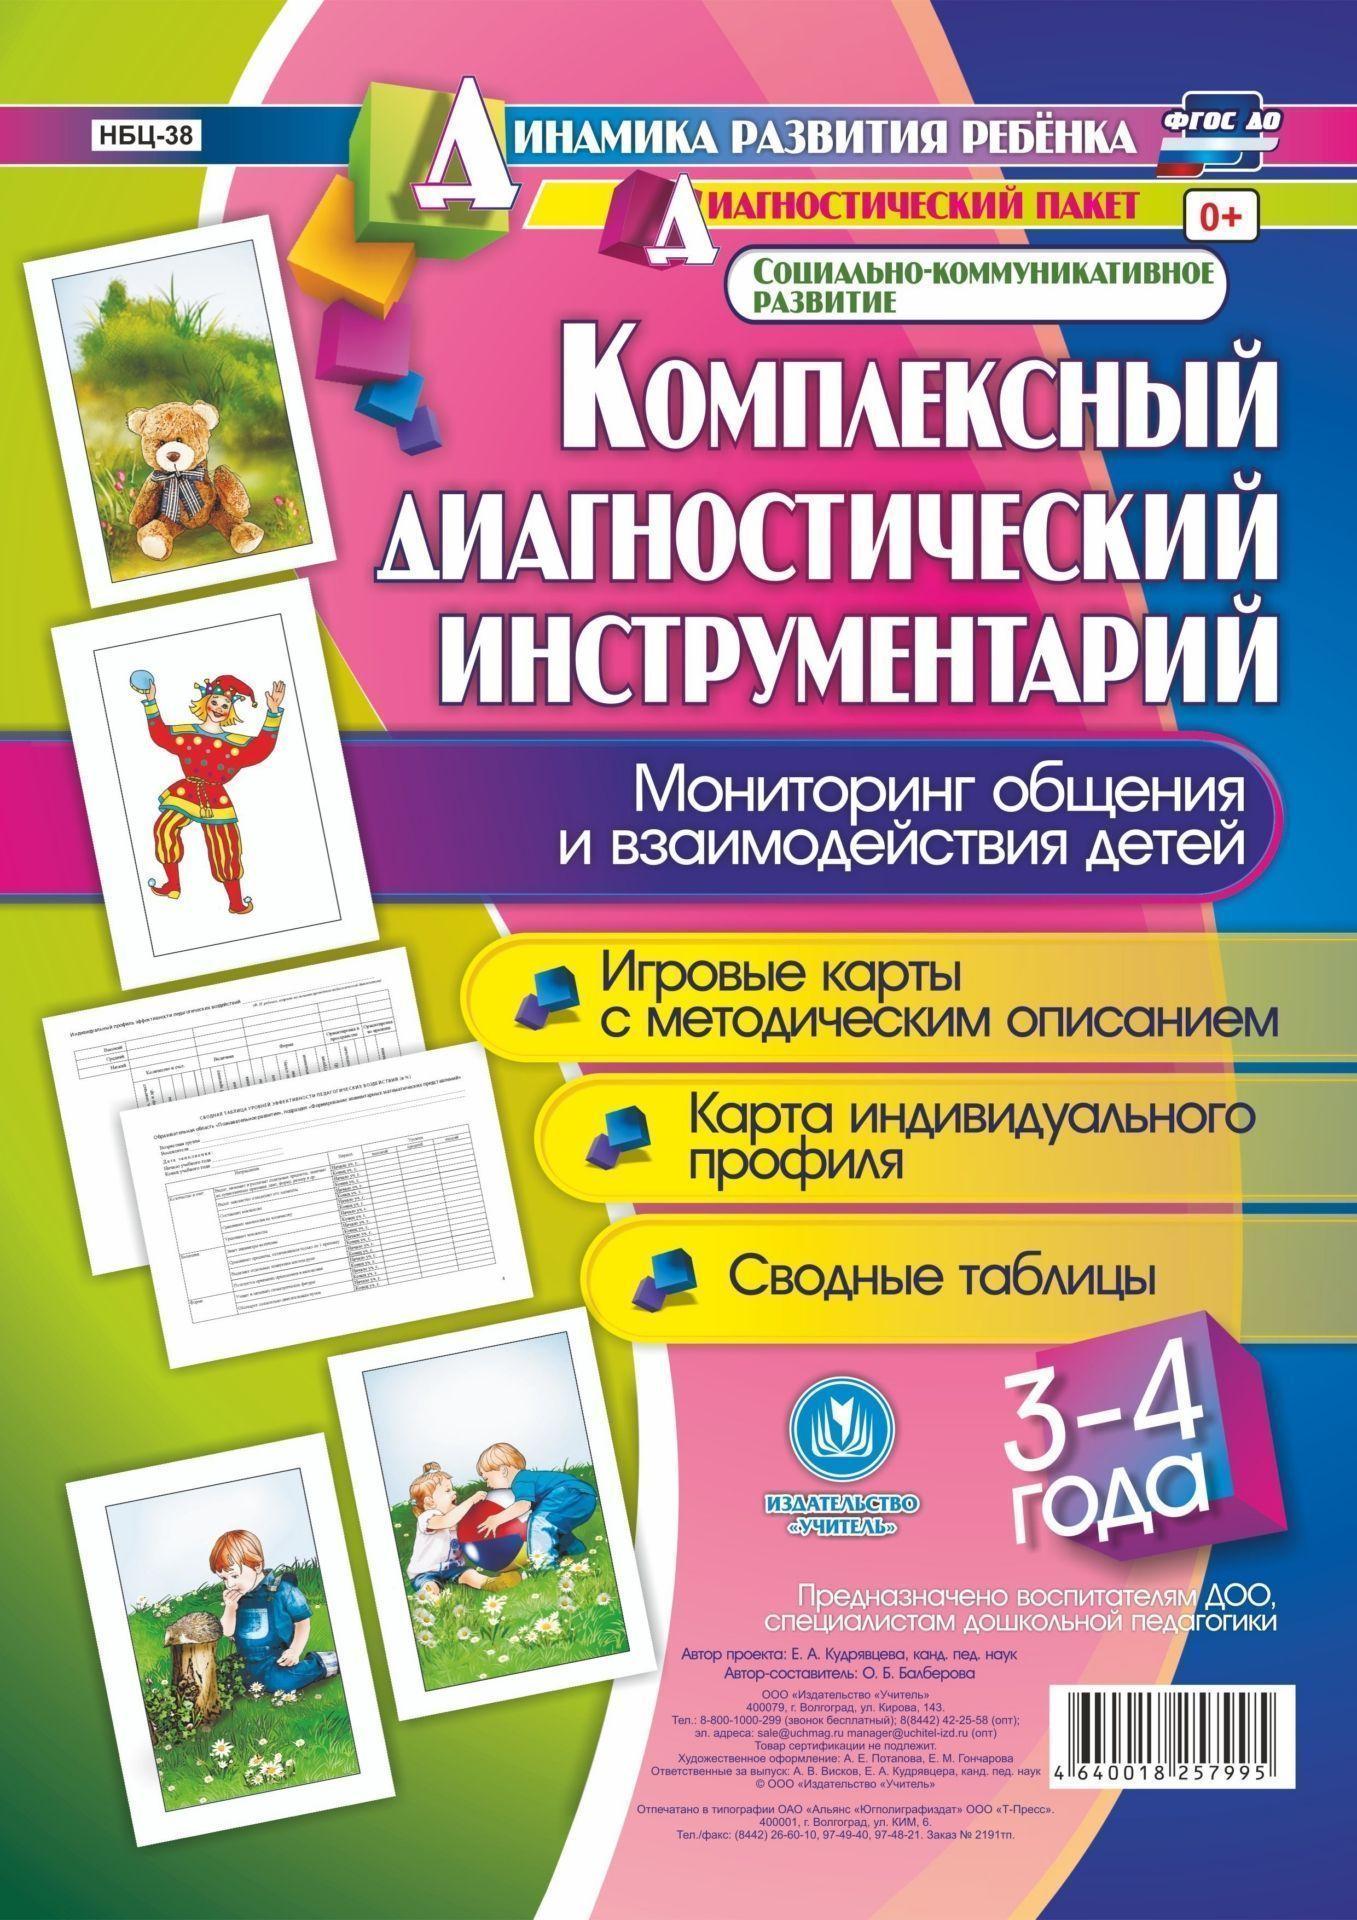 Купить со скидкой Комплексный диагностический инструментарий. Мониторинг общения и взаимодействия детей 3-4 лет: Игров